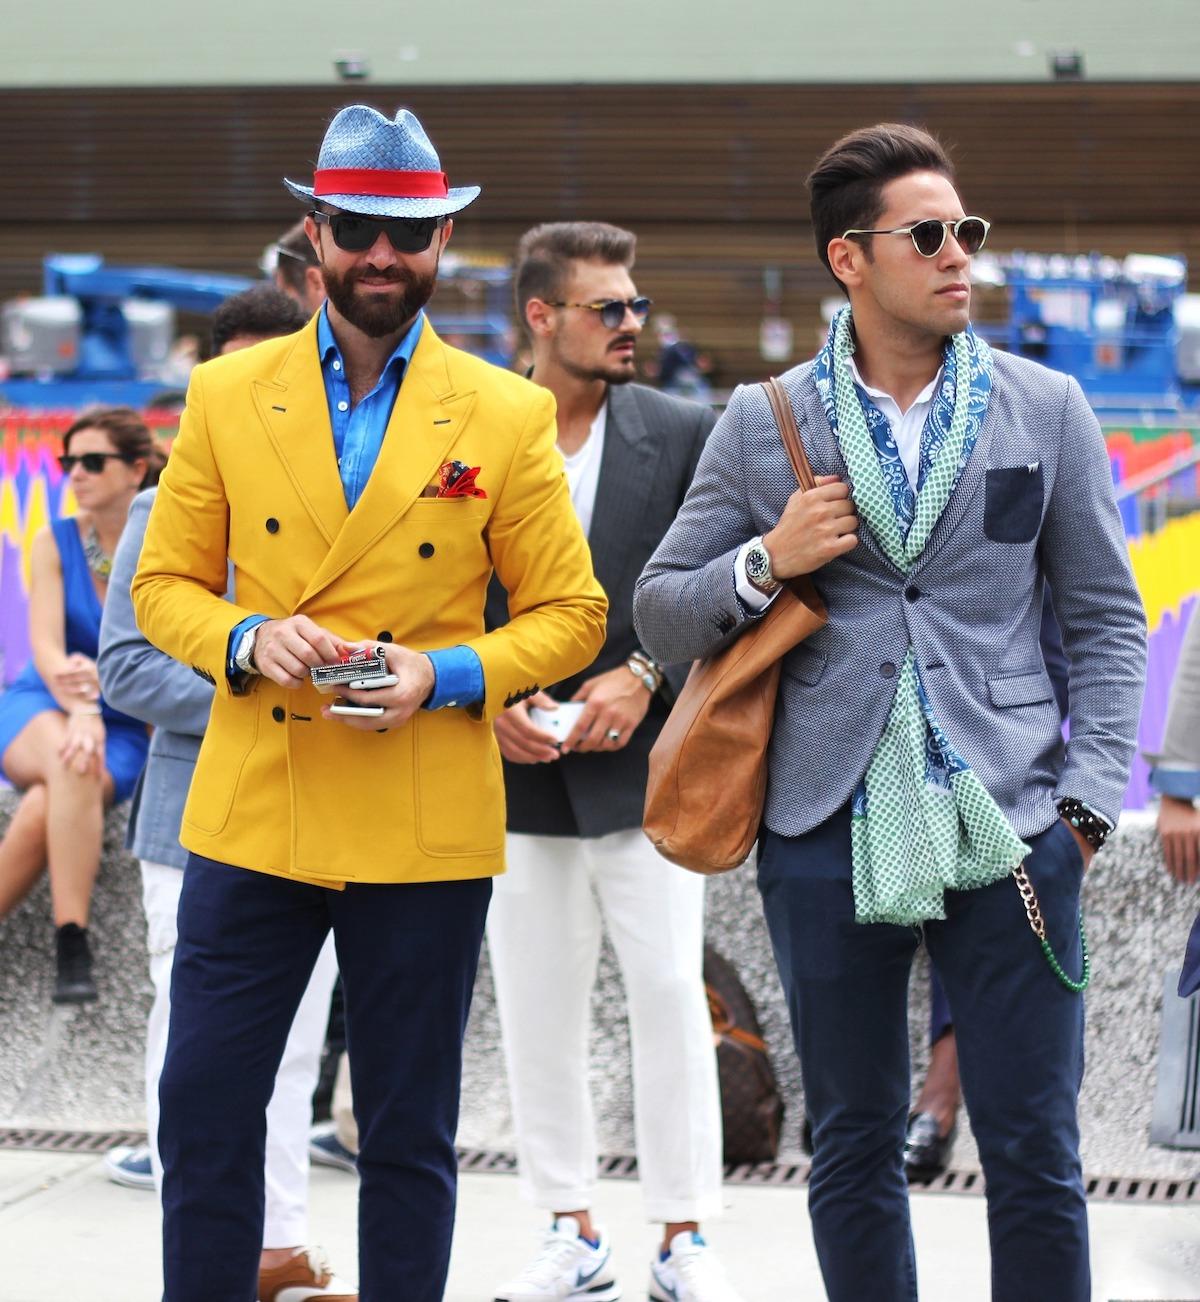 スーツ姿の男性、イタリア人、イタリア風景